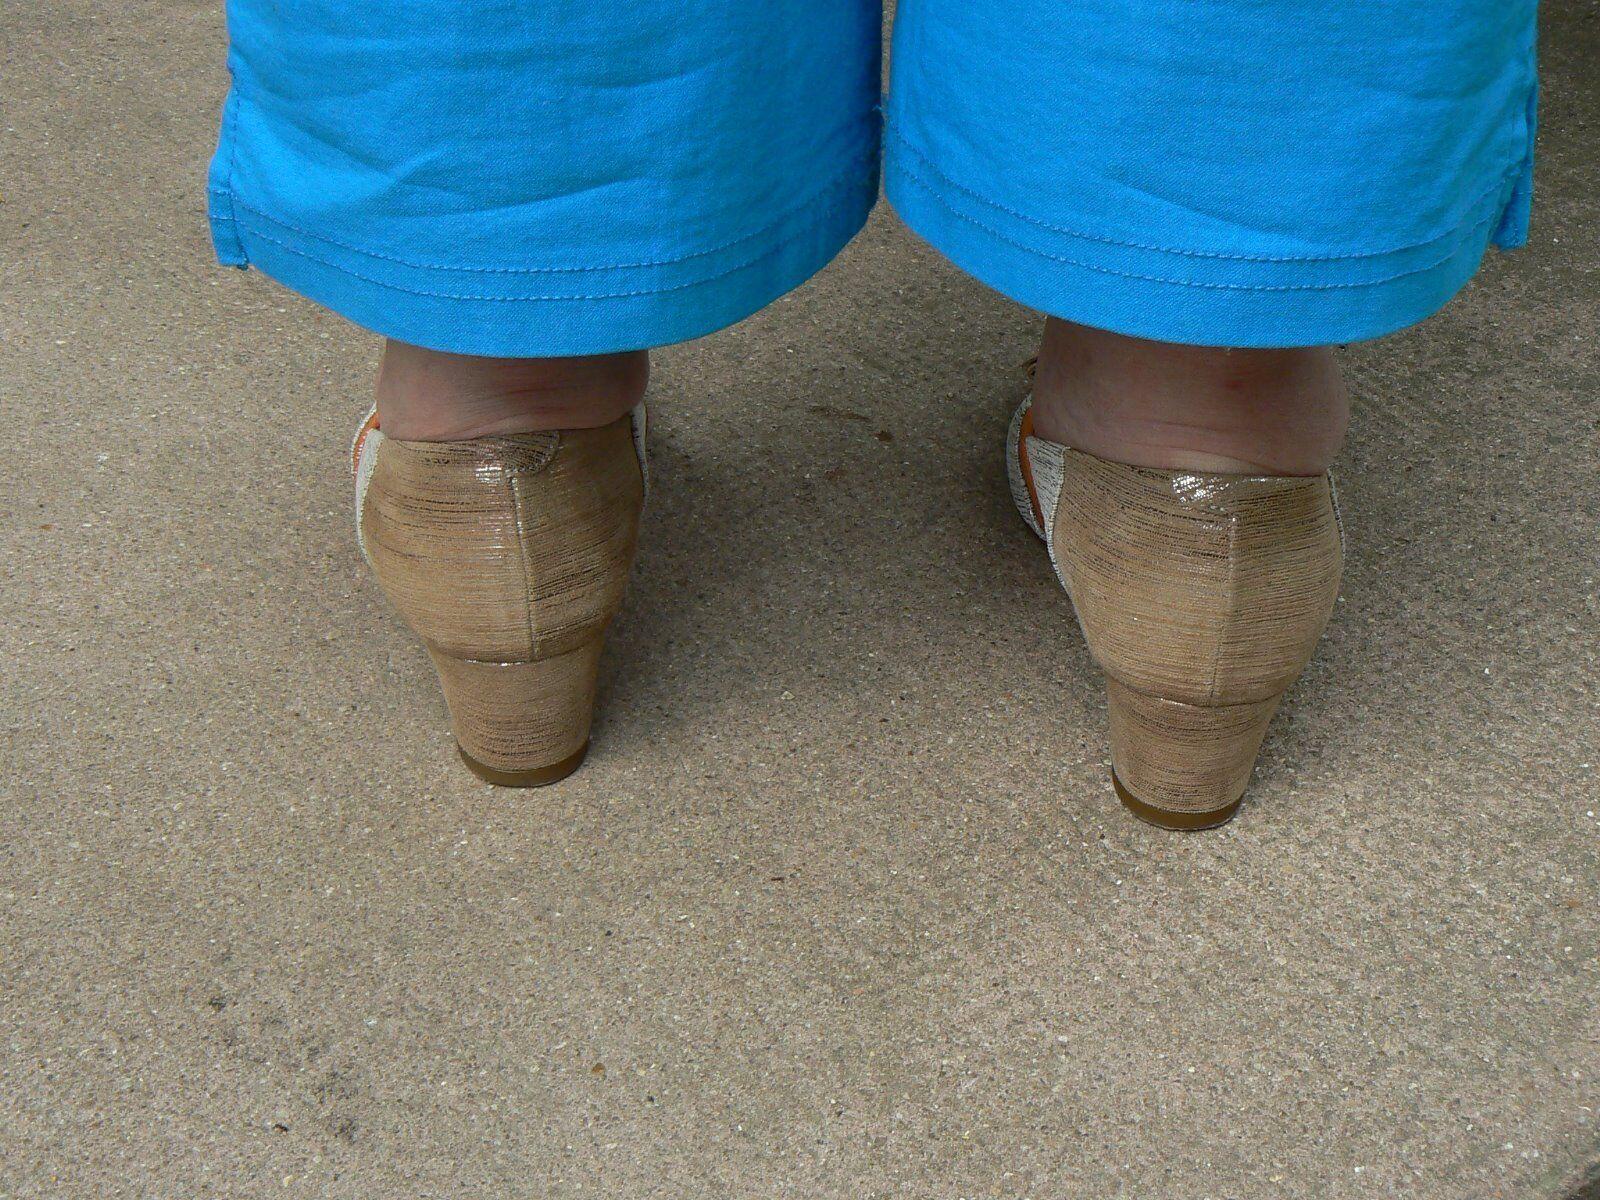 escarpins femme marque italienne gioiello en cuir cuir cuir véritable, pointure 35/36 | Nombreux Dans La Variété  70d97e